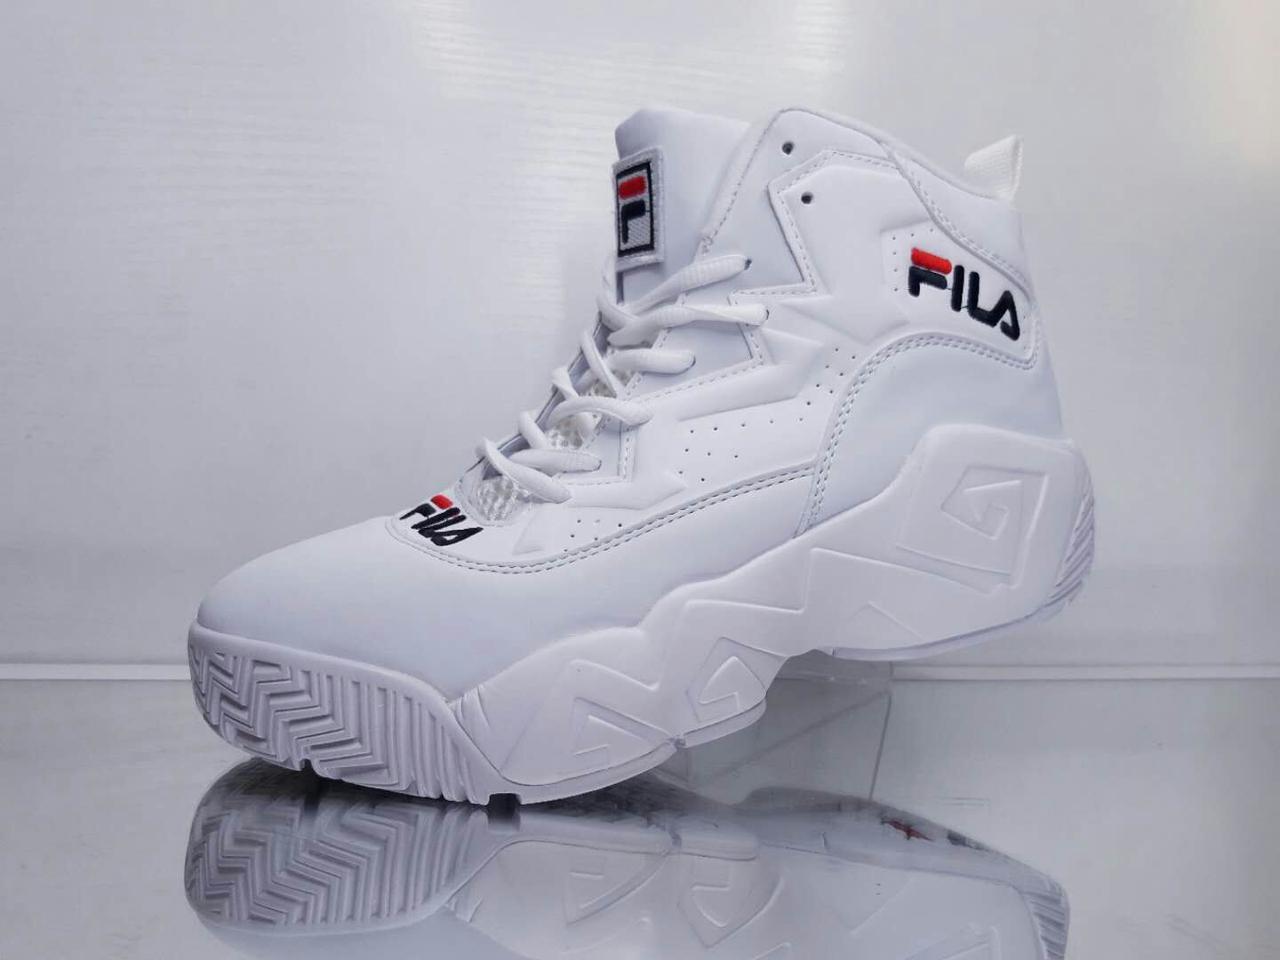 Кросівки Fila Jamal Mashburn MB1 Retro Limited Edition Білі (Репліка ... fd5faee45dfa6